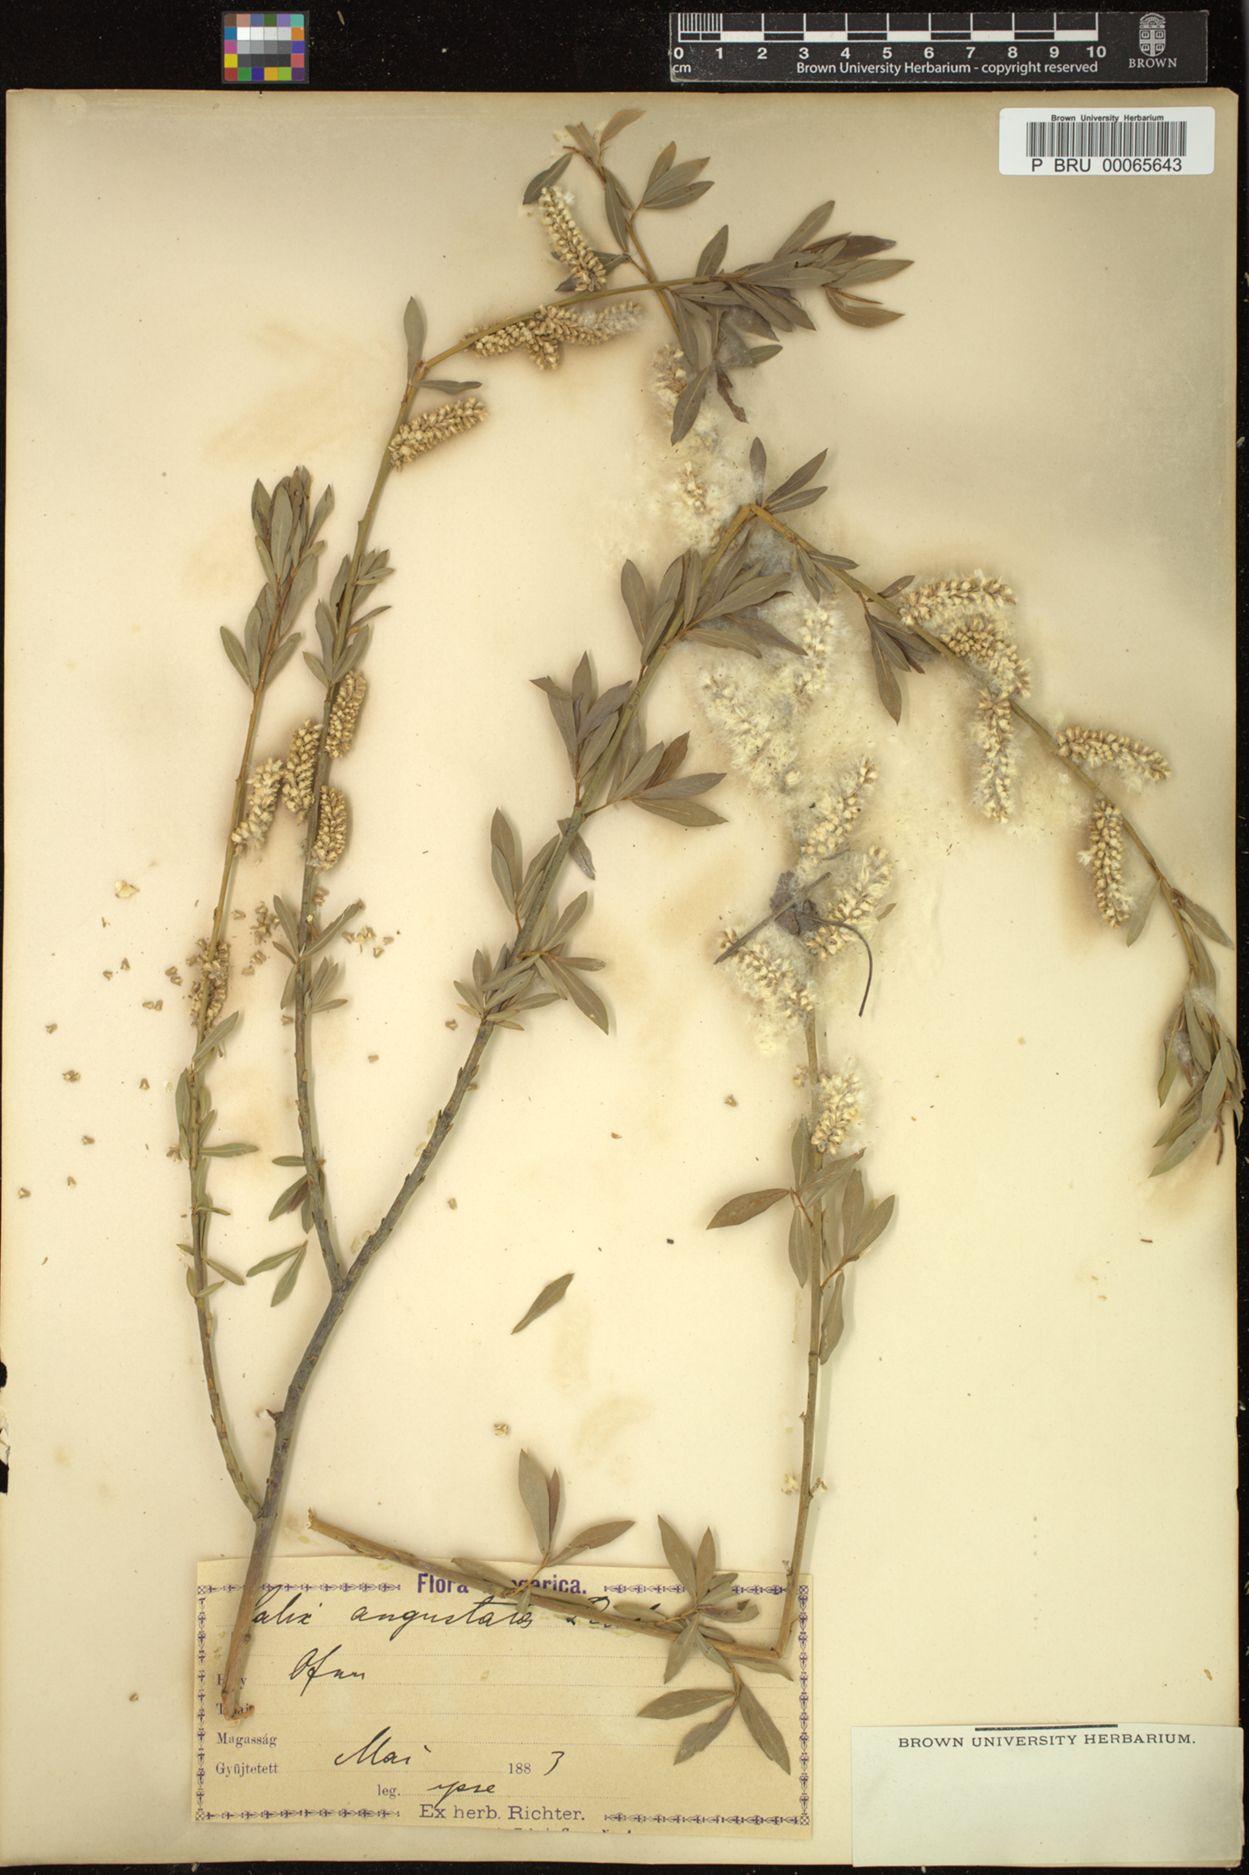 Salix angustata image